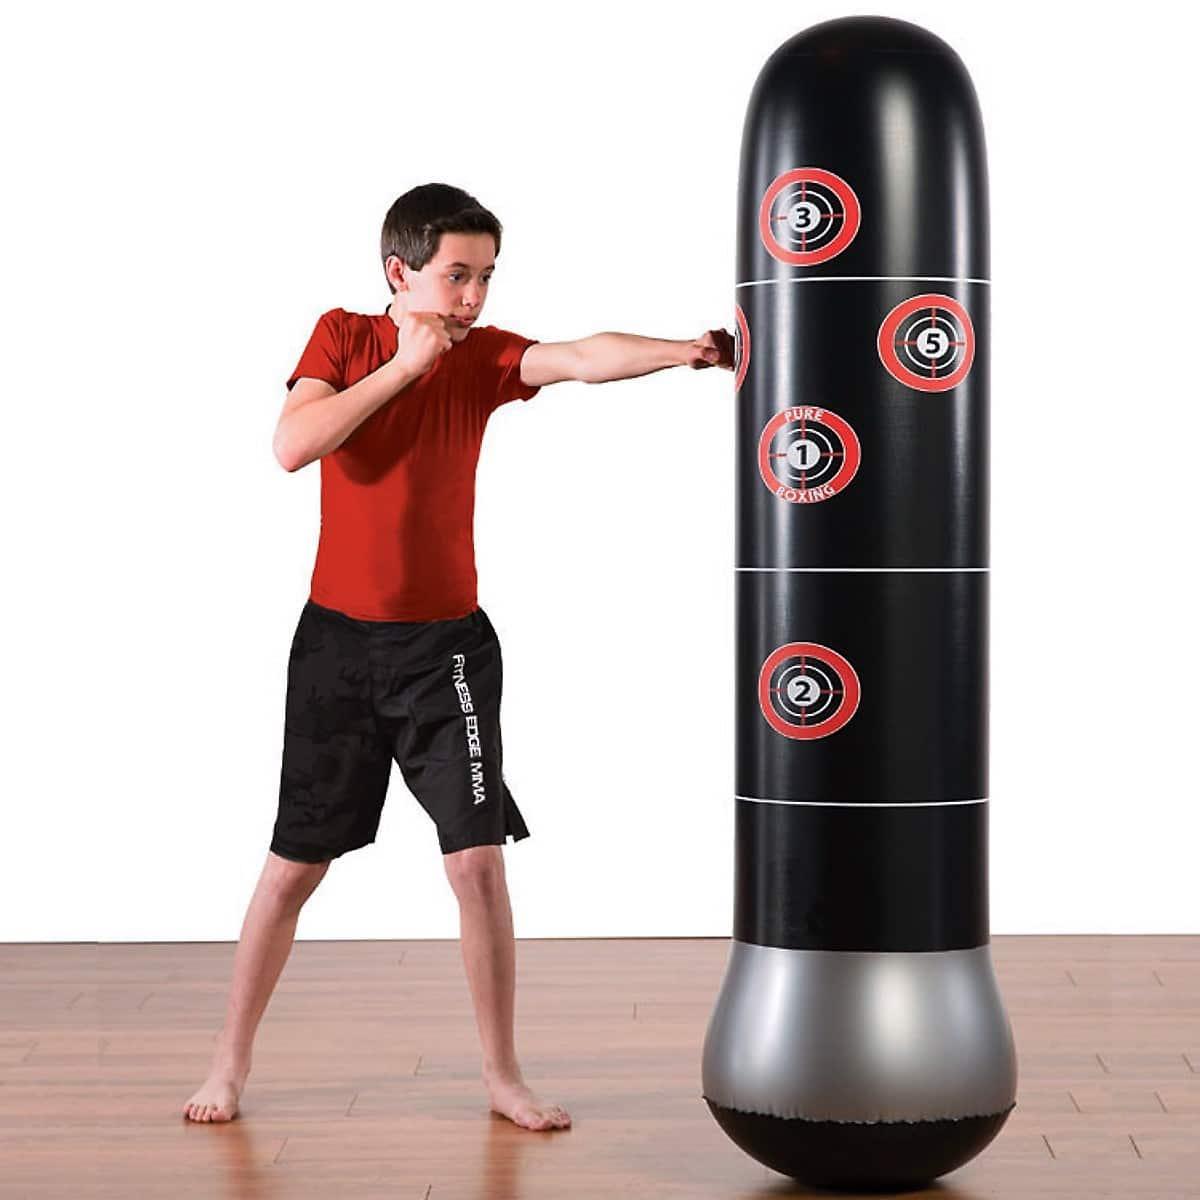 Trụ đấm bốc phản xạ tự cân bằng Pure Boxing | tại Hà Nội